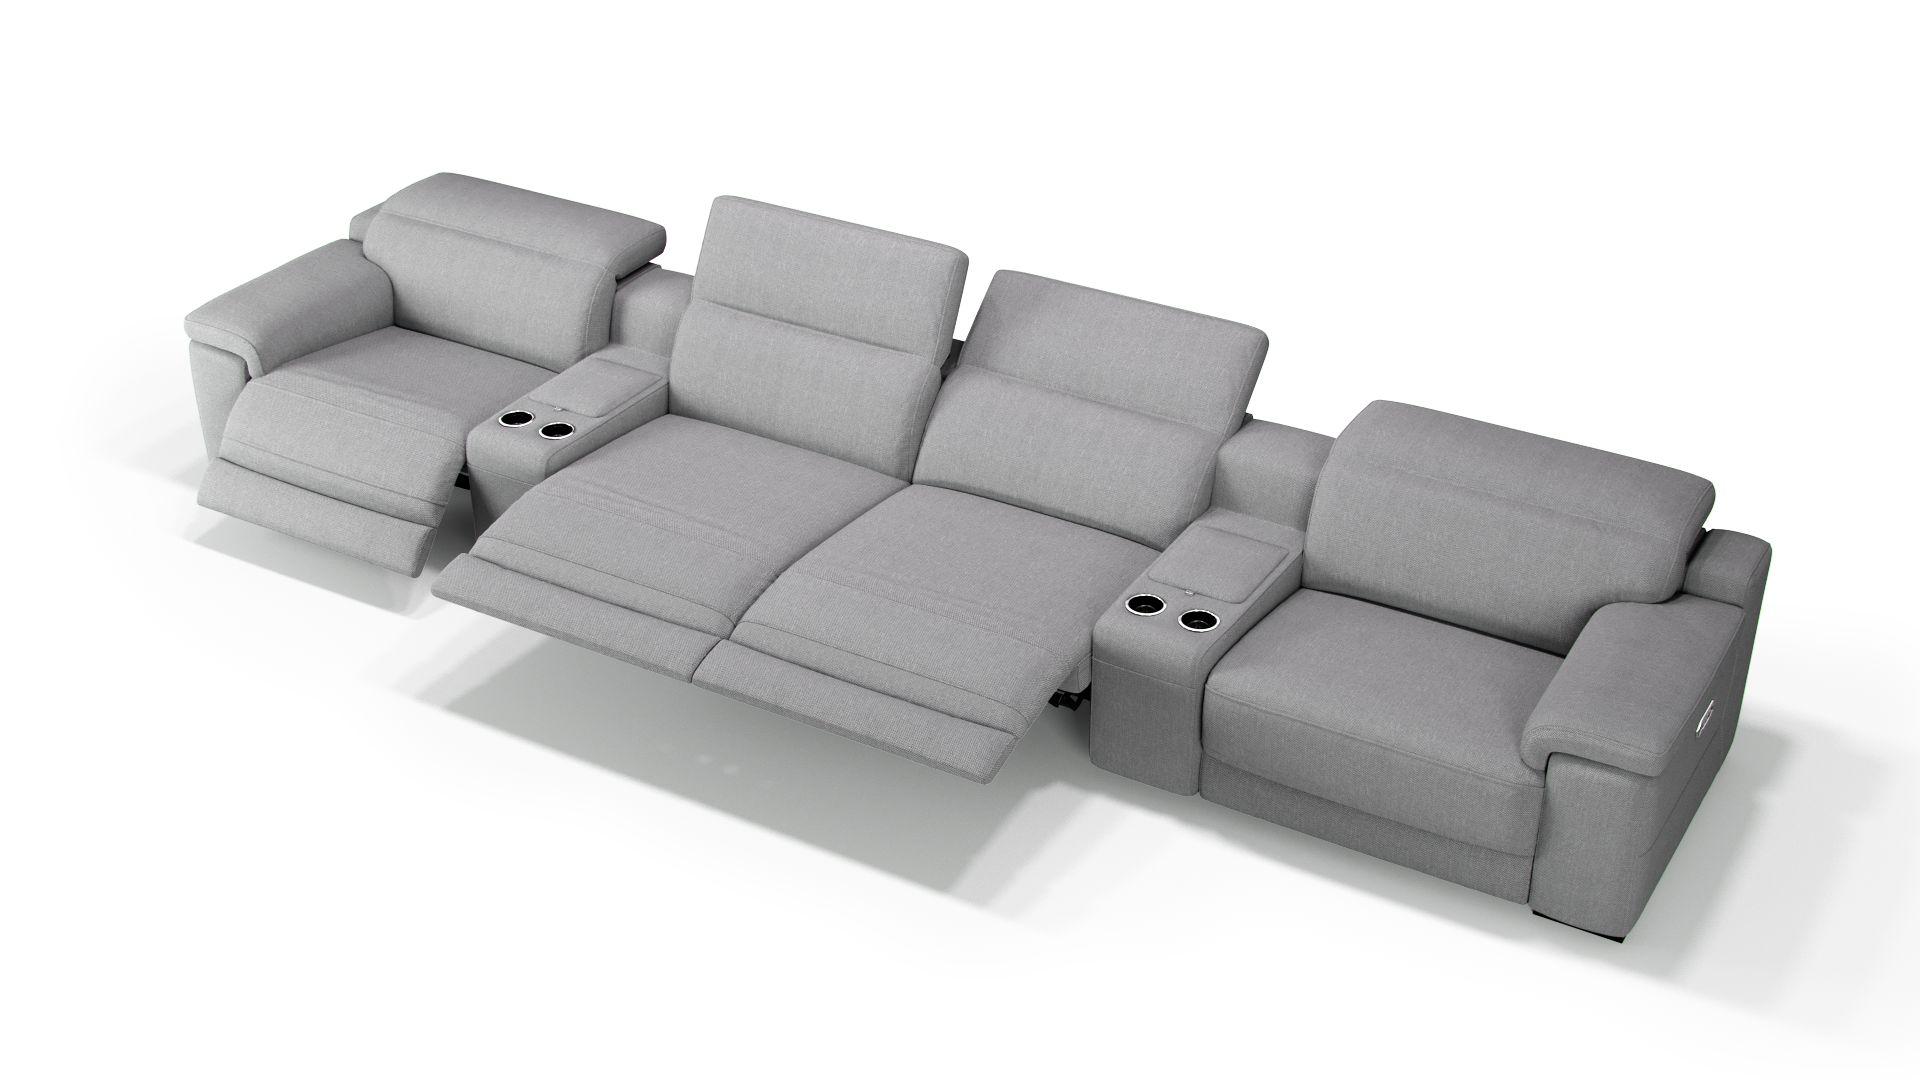 Stoff 4-Sitzer Kinosofa mit zwei Mittelkonsolen SORA